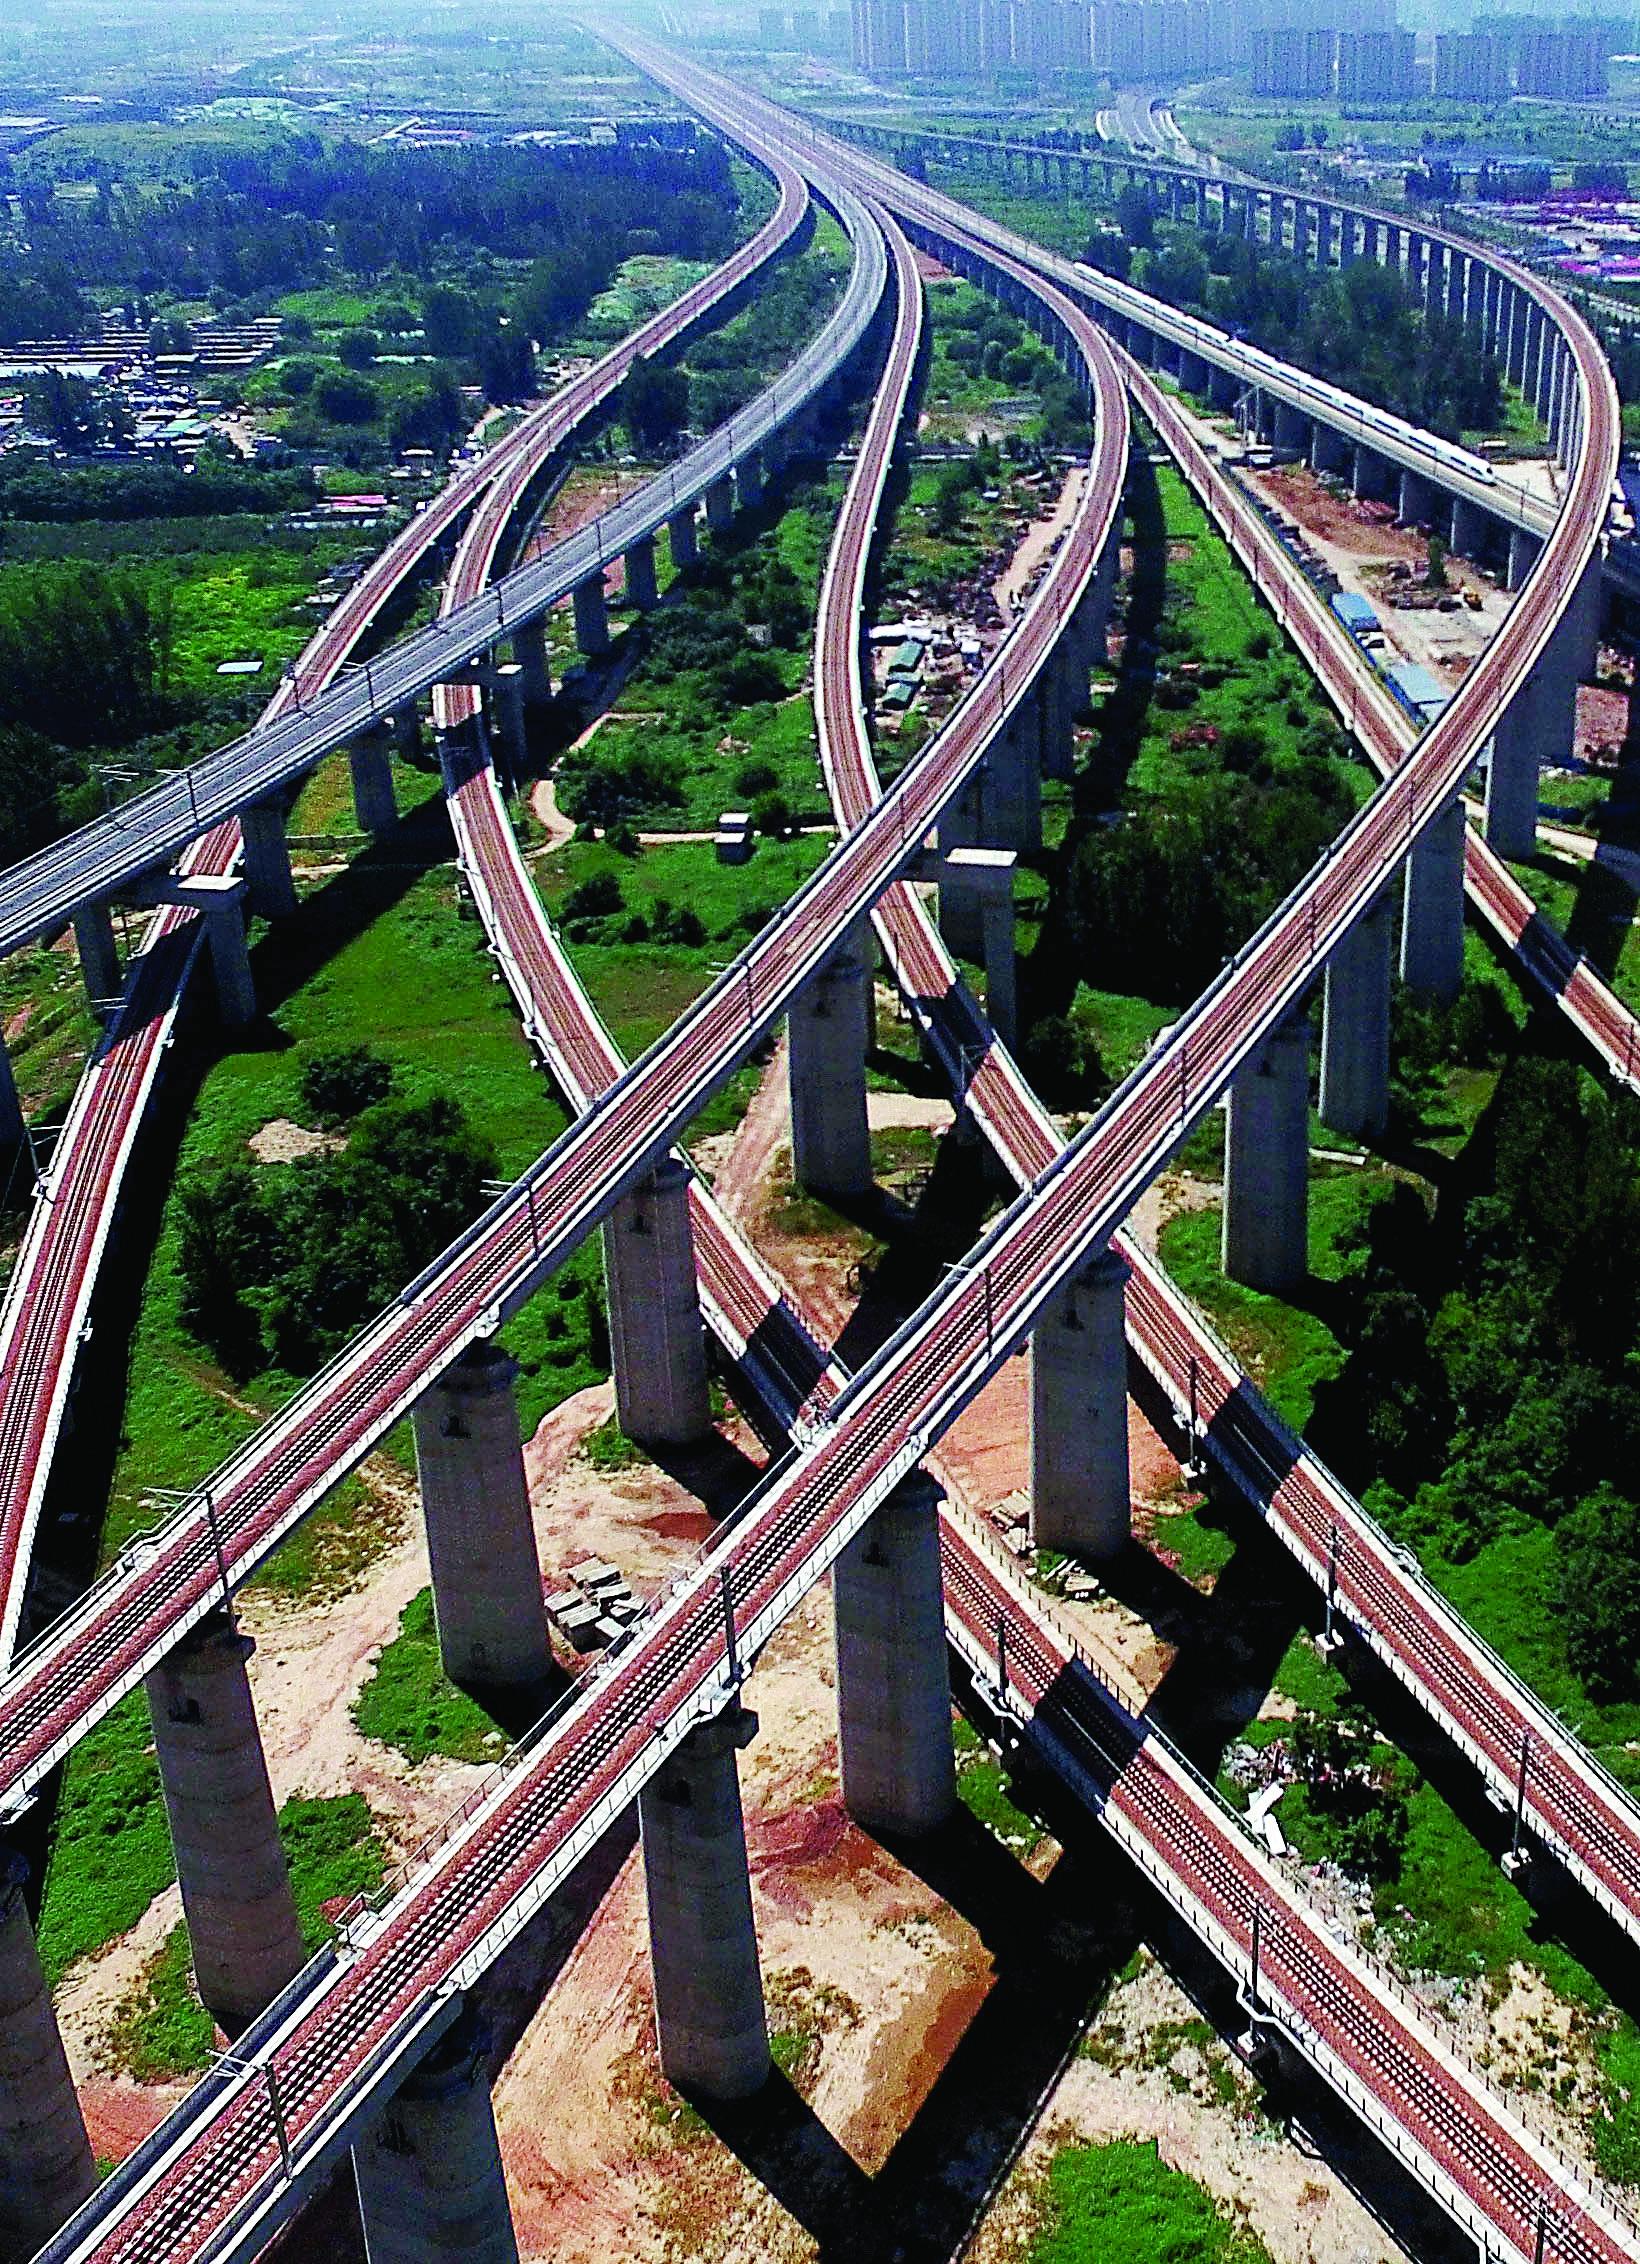 上海至郑州最快列车将刷新为4小时01